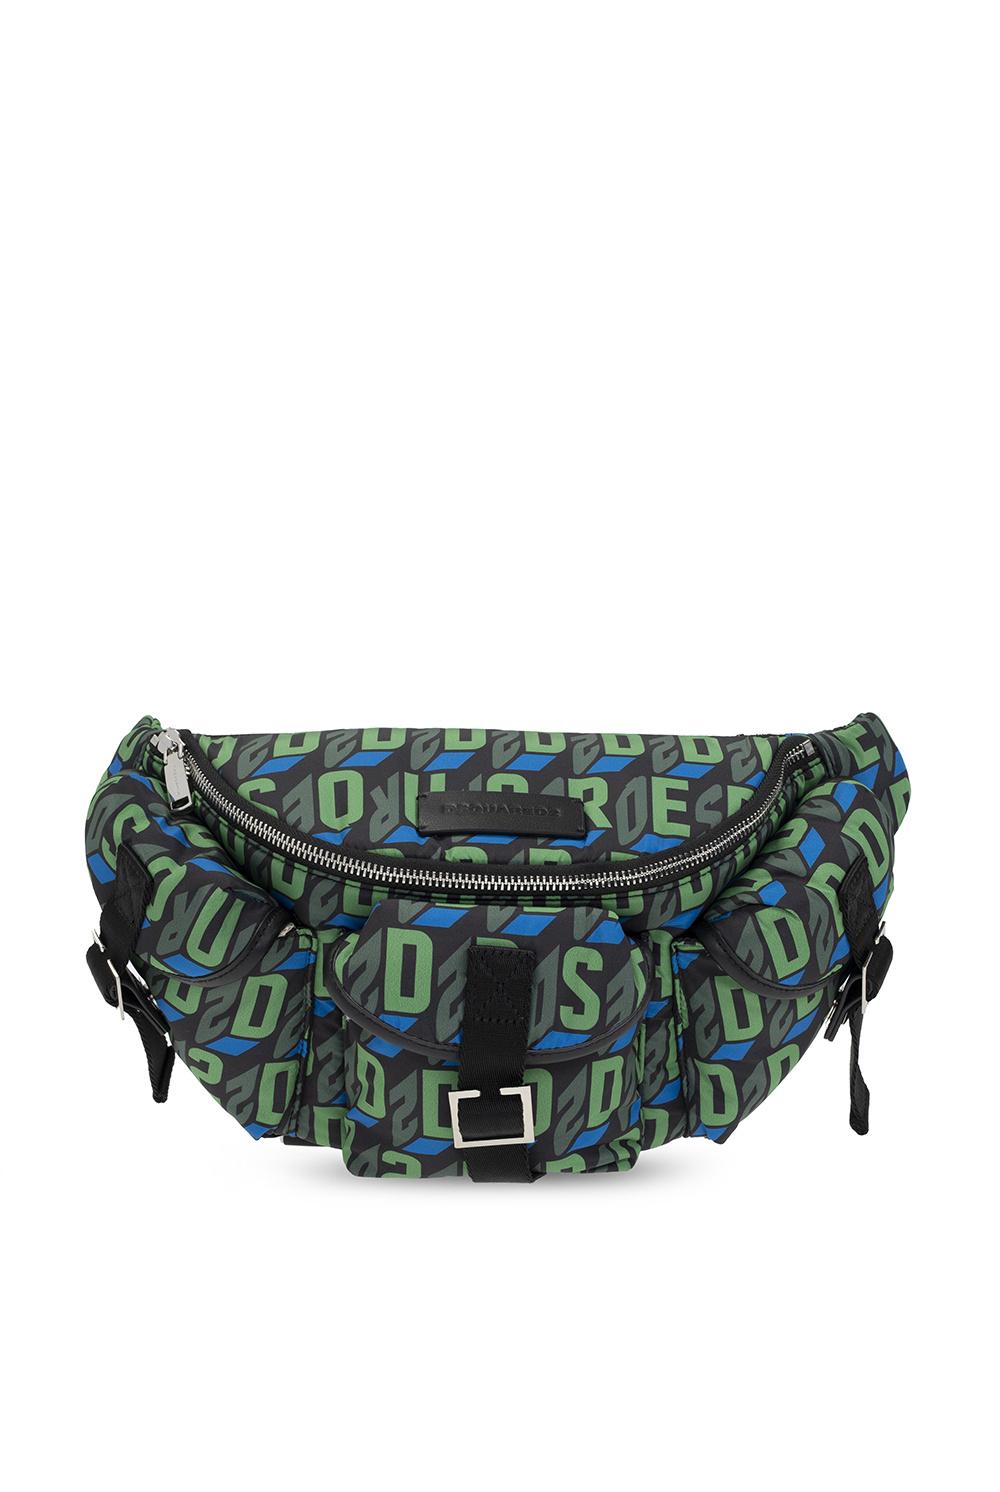 Dsquared2 Belt bag with logo